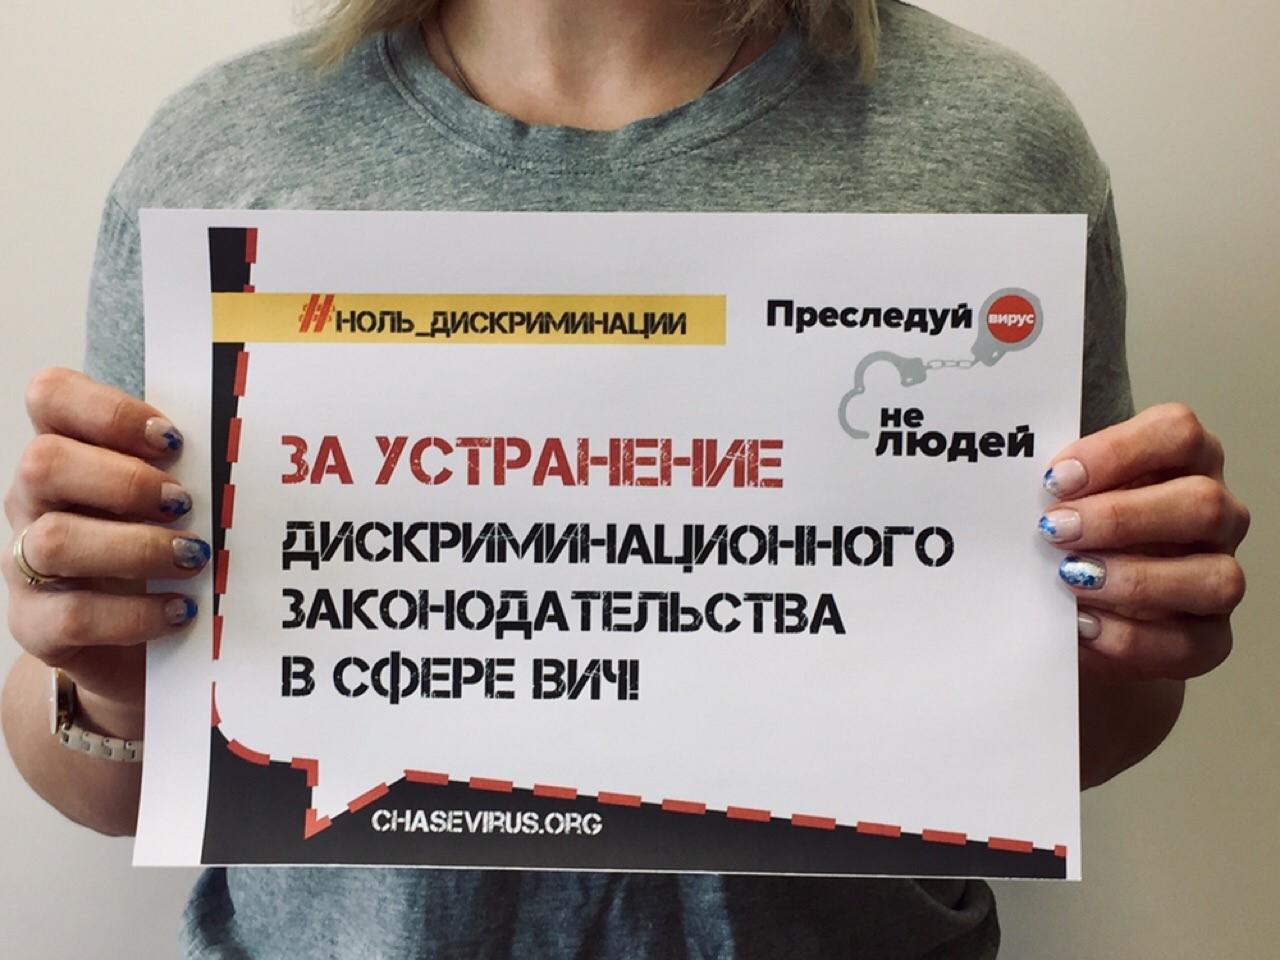 Активисты призвали поддержать 1 марта акцию «Преследуй вирус, не людей!» - изображение 1